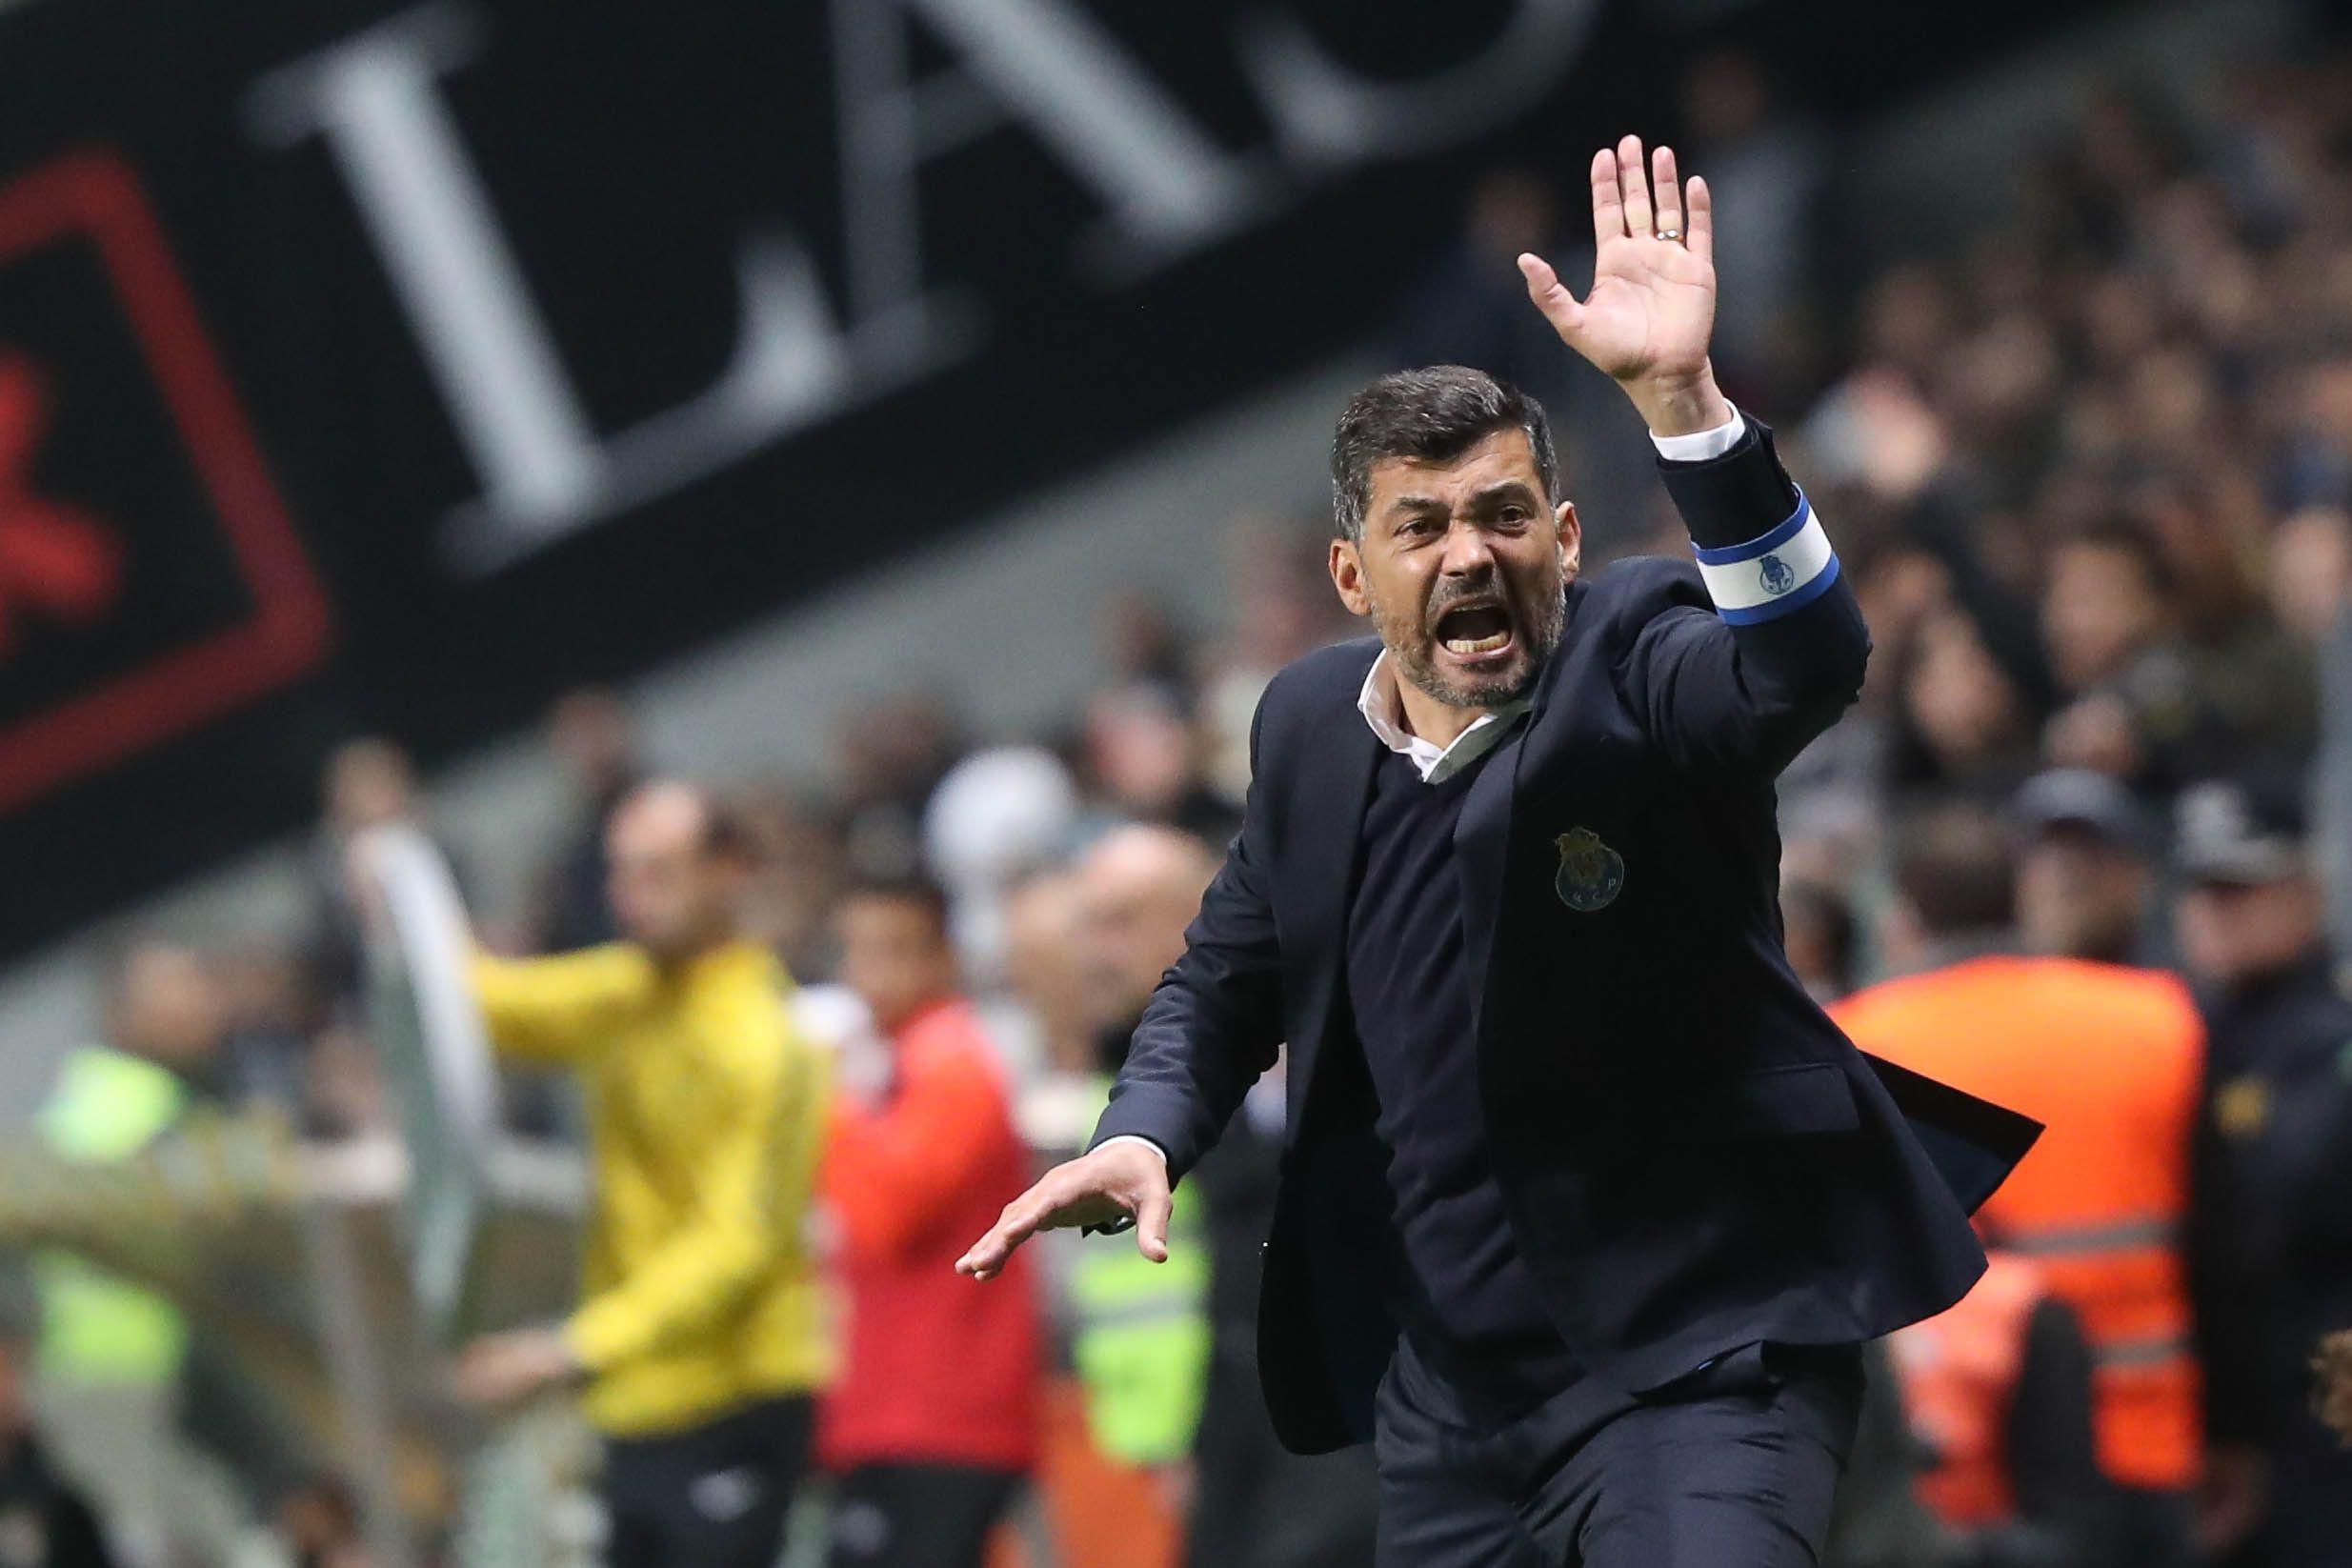 FC Porto de olho no topo (e na história) contra um Rio Ave 'órfão'